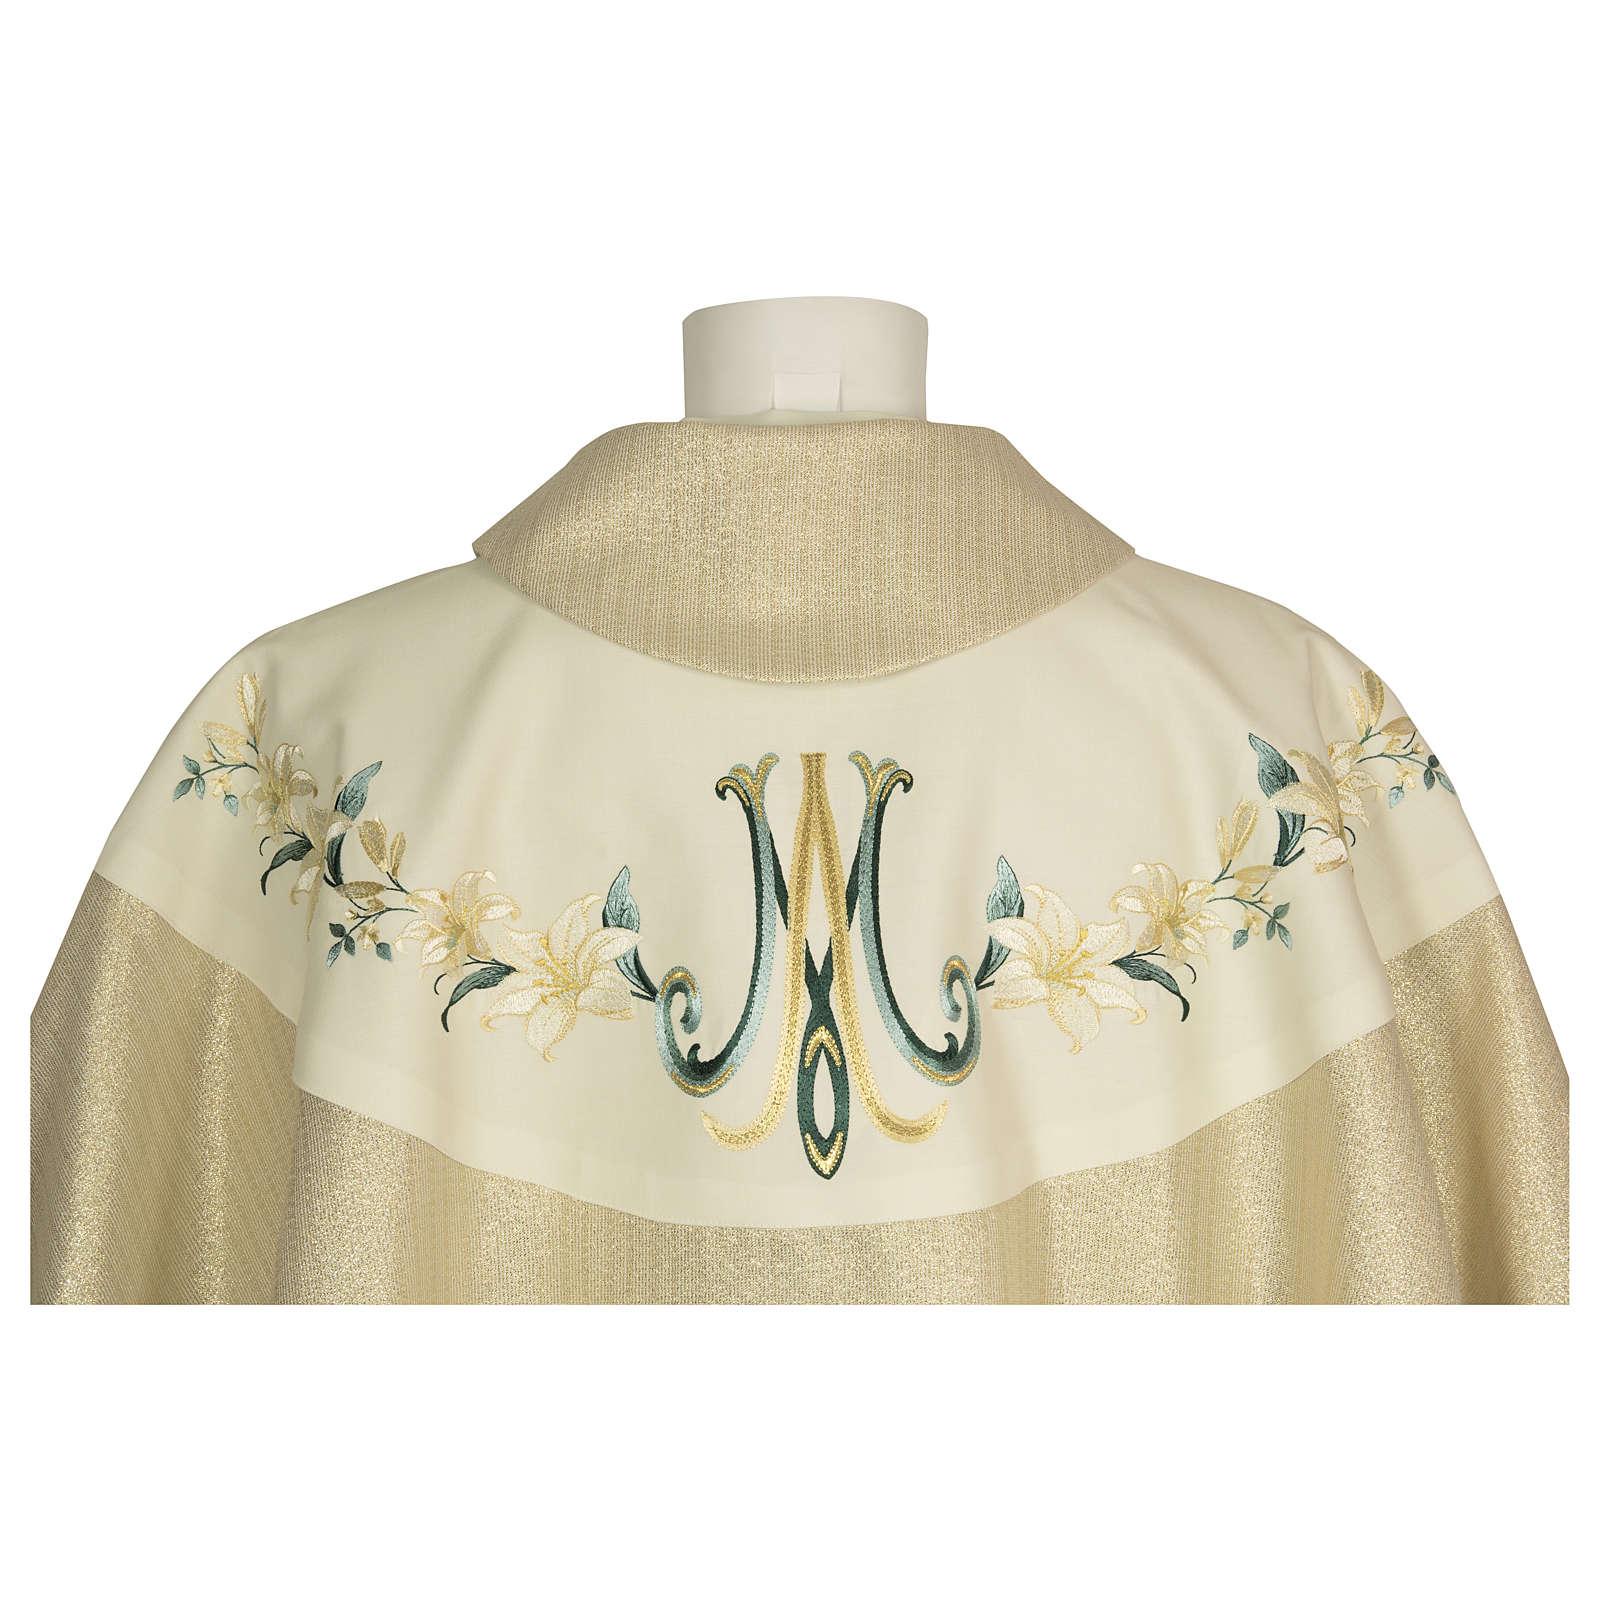 Casula Mariana con decori floreali lana viscosa effetto tratteggiato 4